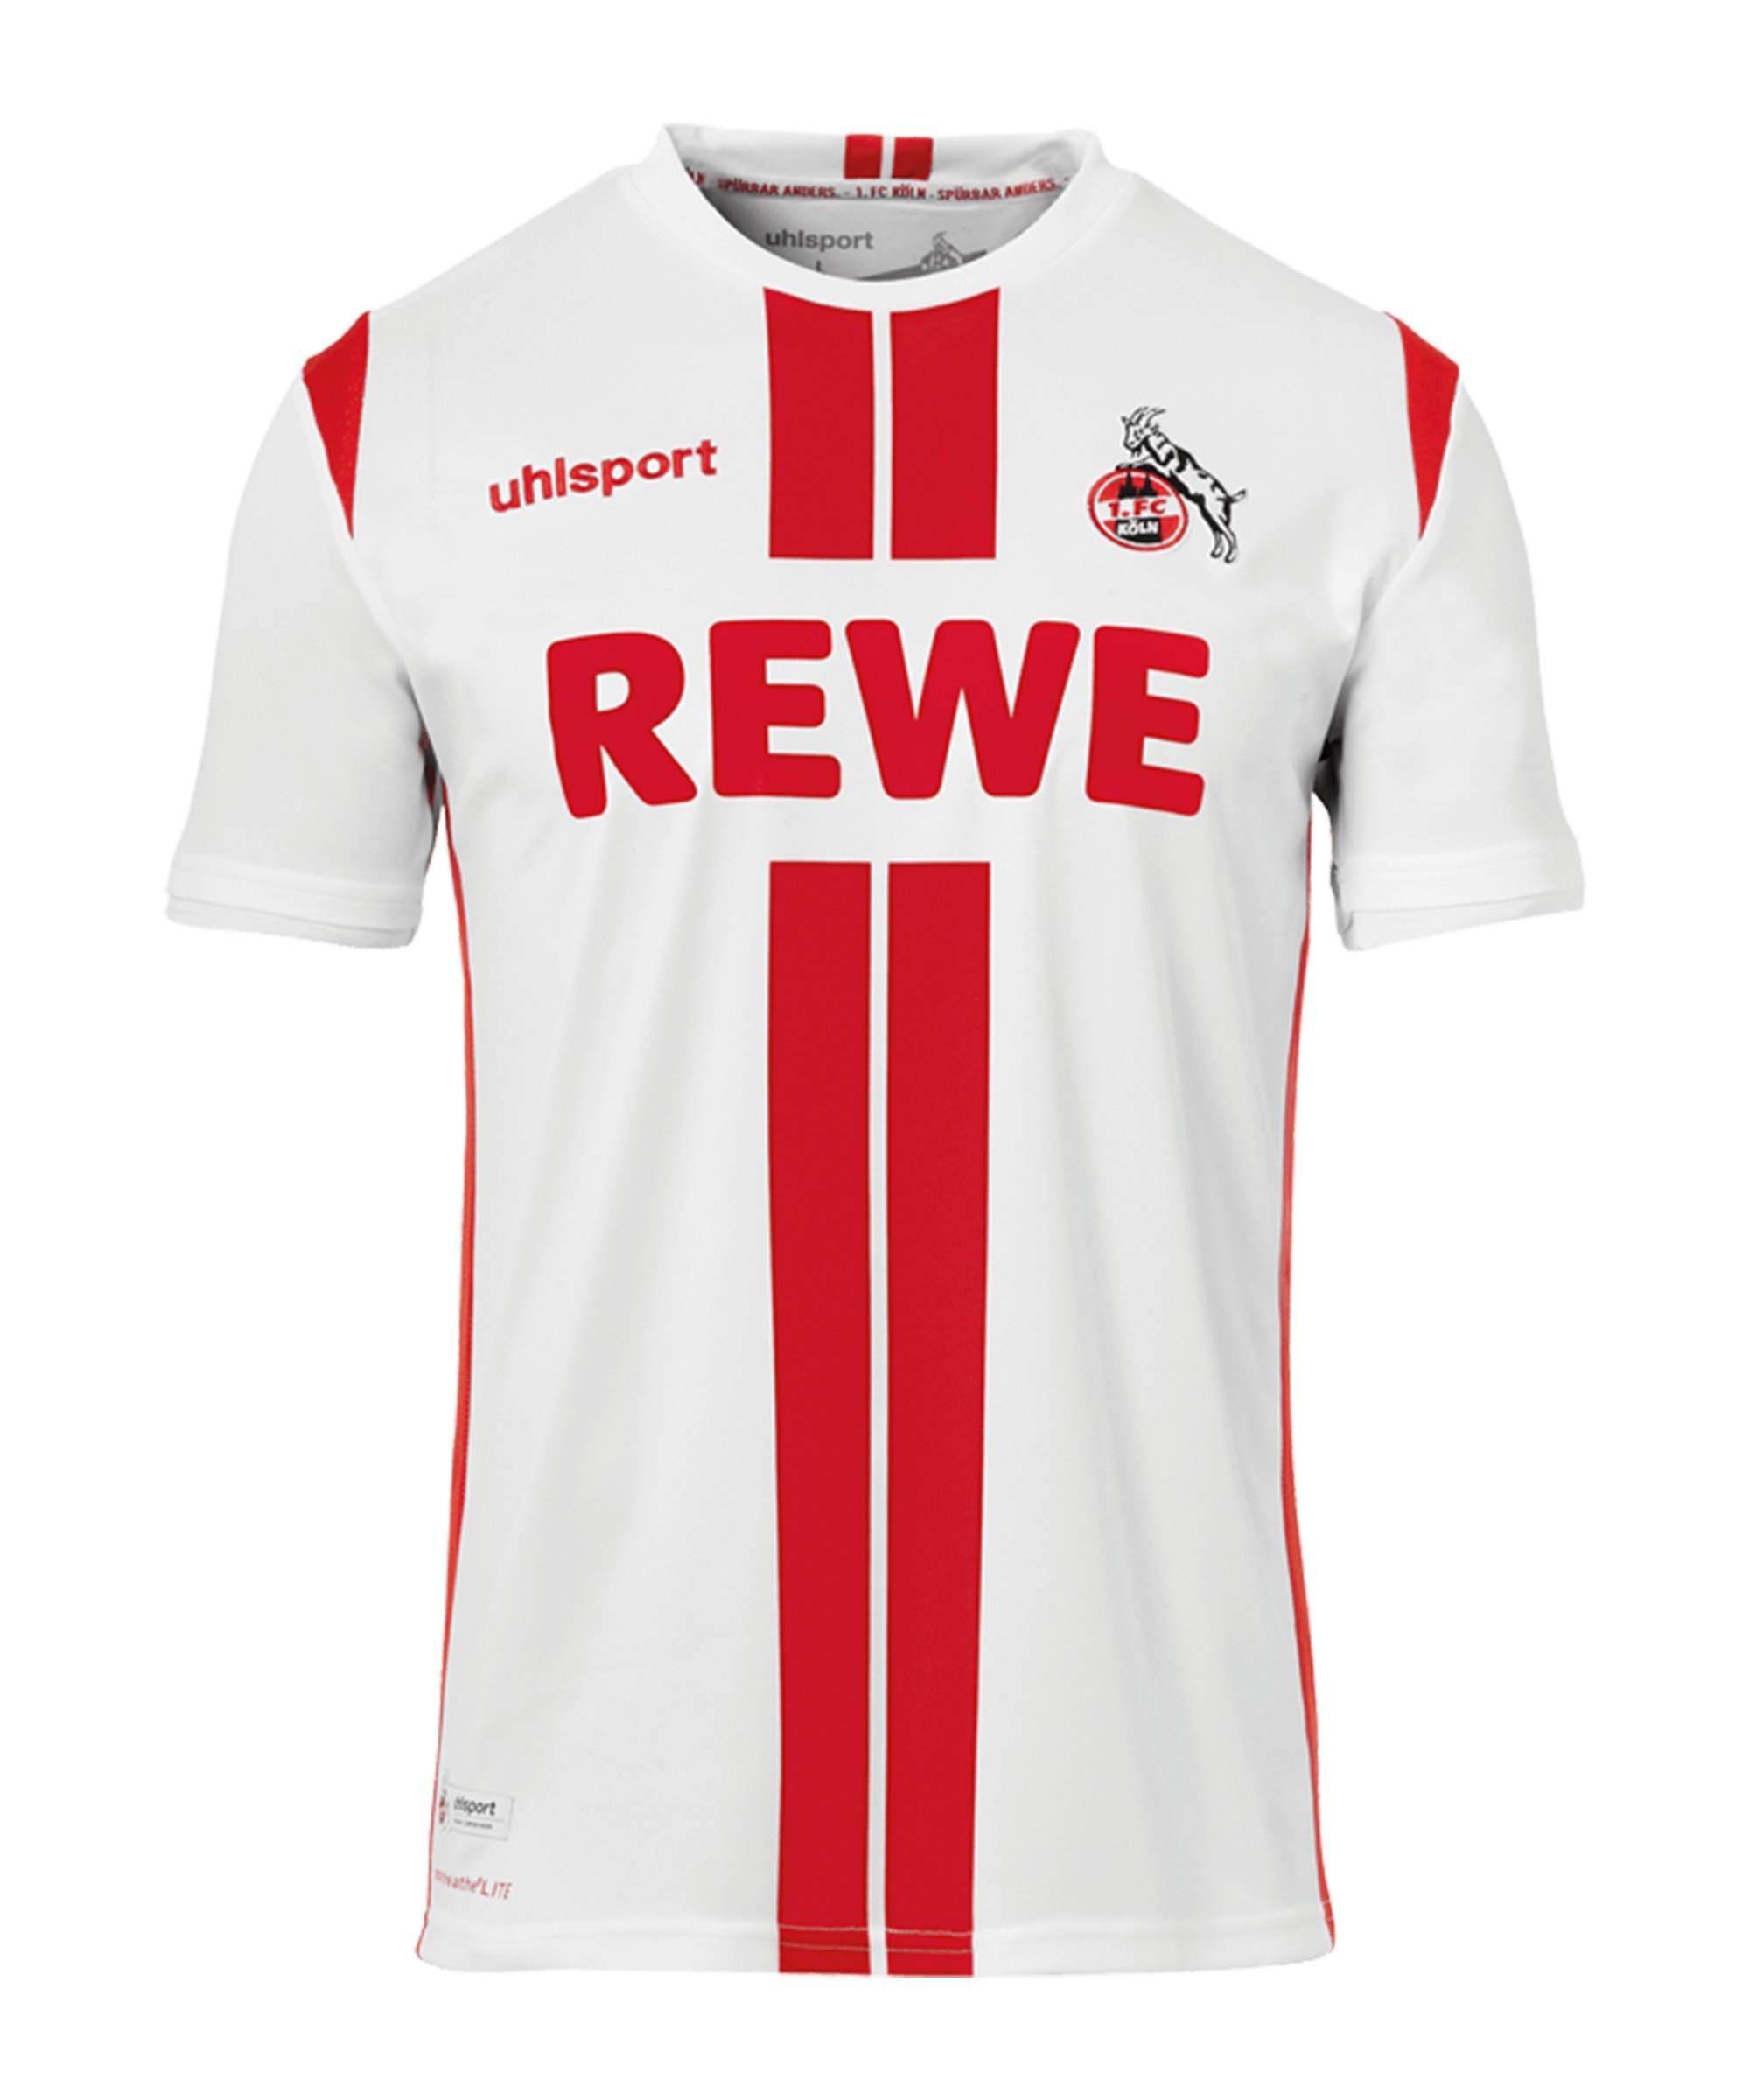 Uhlsport 1. FC Köln Trikot Home 2020/2021 Weiss - rot